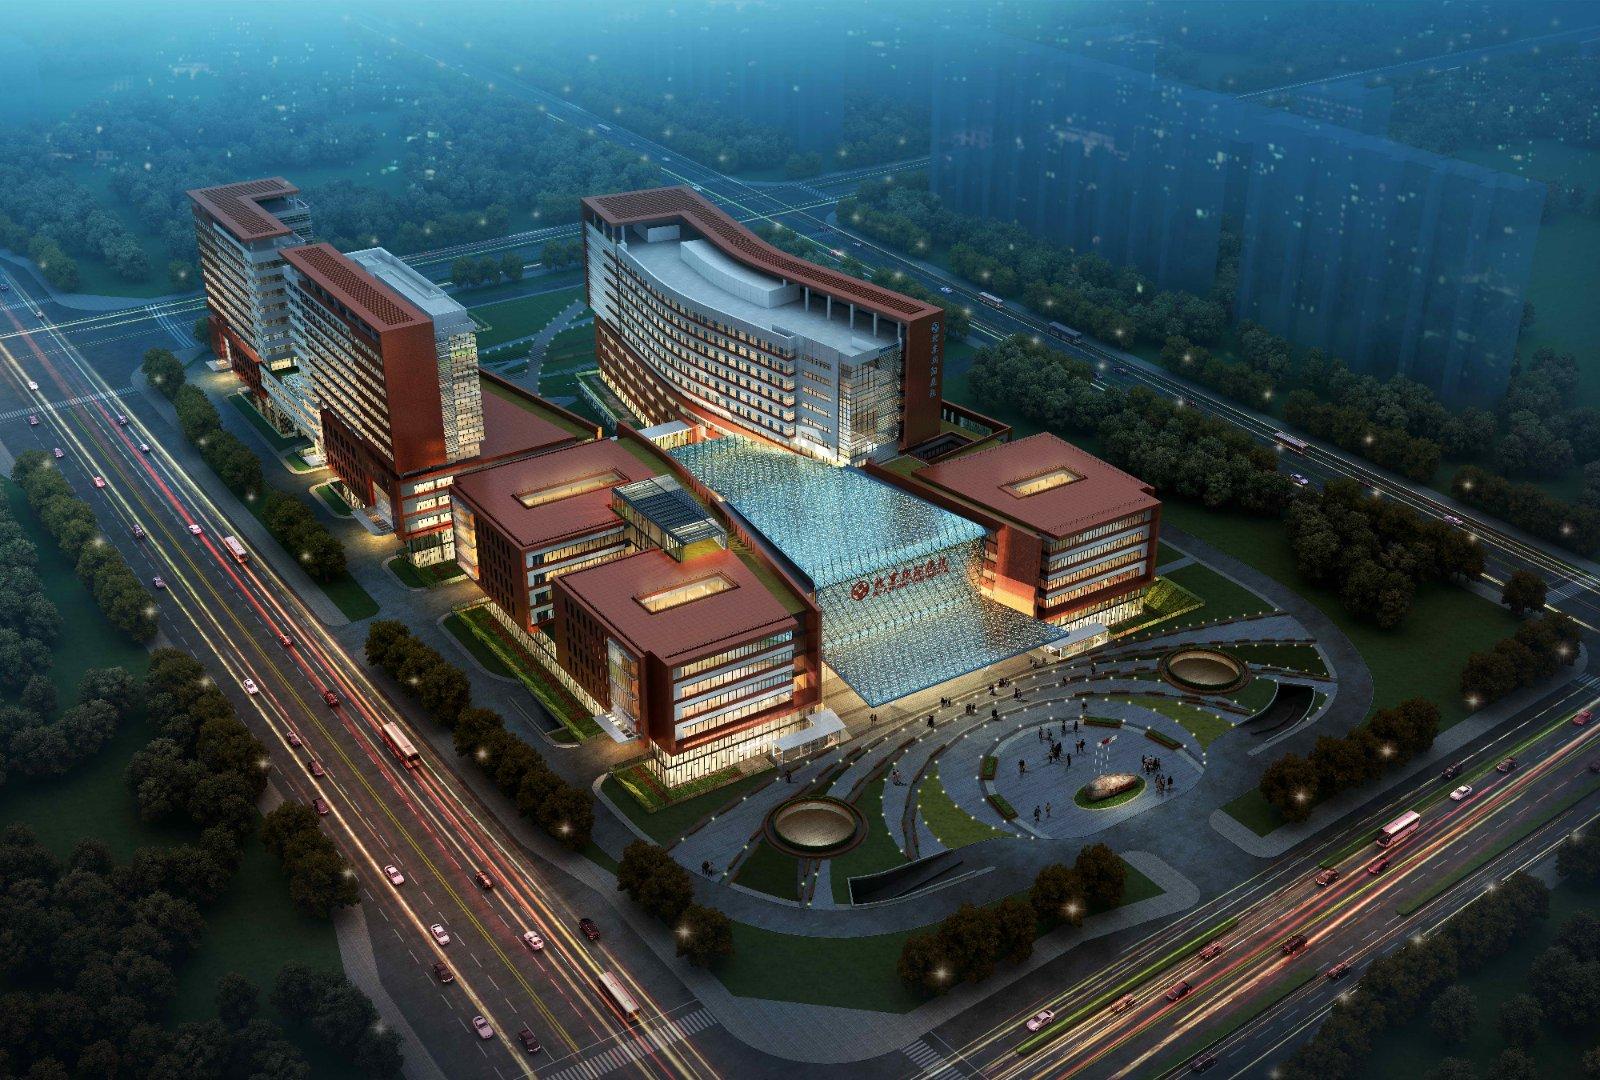 北京朝阳医院东院昨日奠基 预计2022年竣工